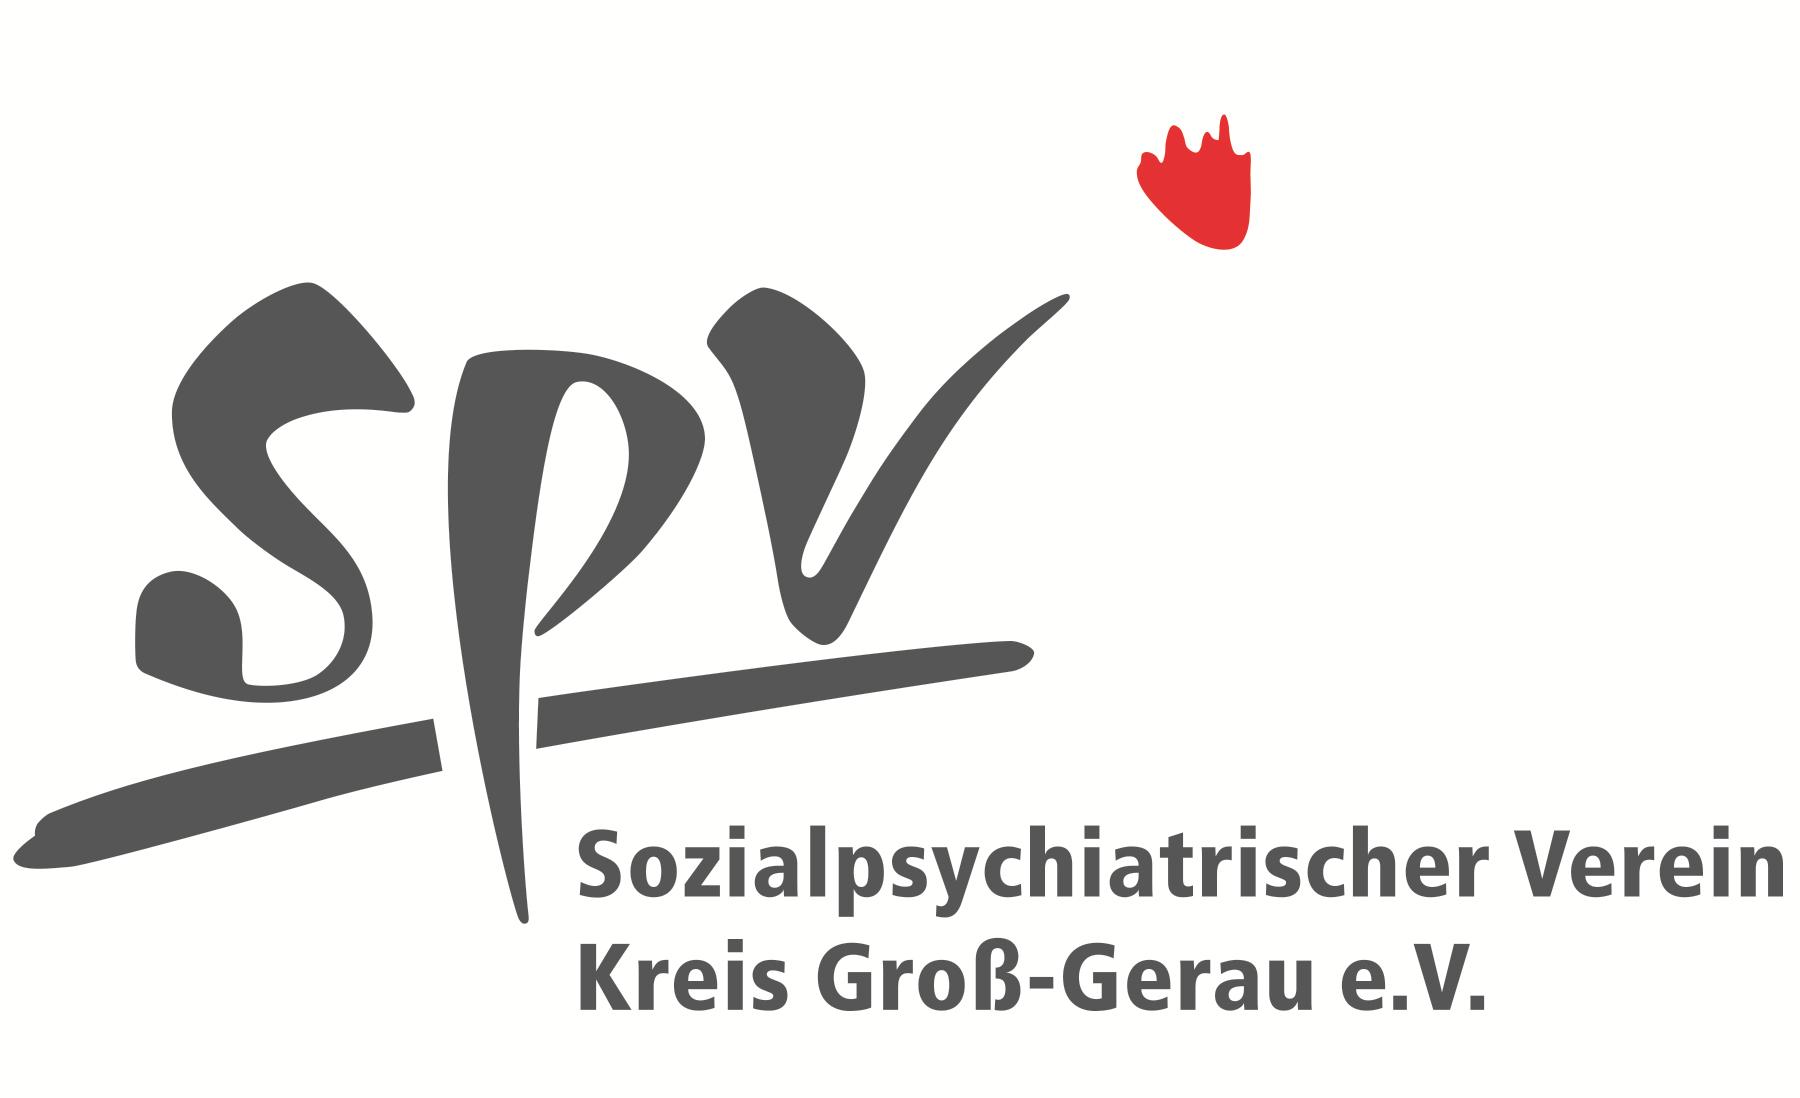 Geschäftsführung (m/w/d) - Sozialpsychiatrischer Verein Kreis Groß-Gerau e.V. - Logo